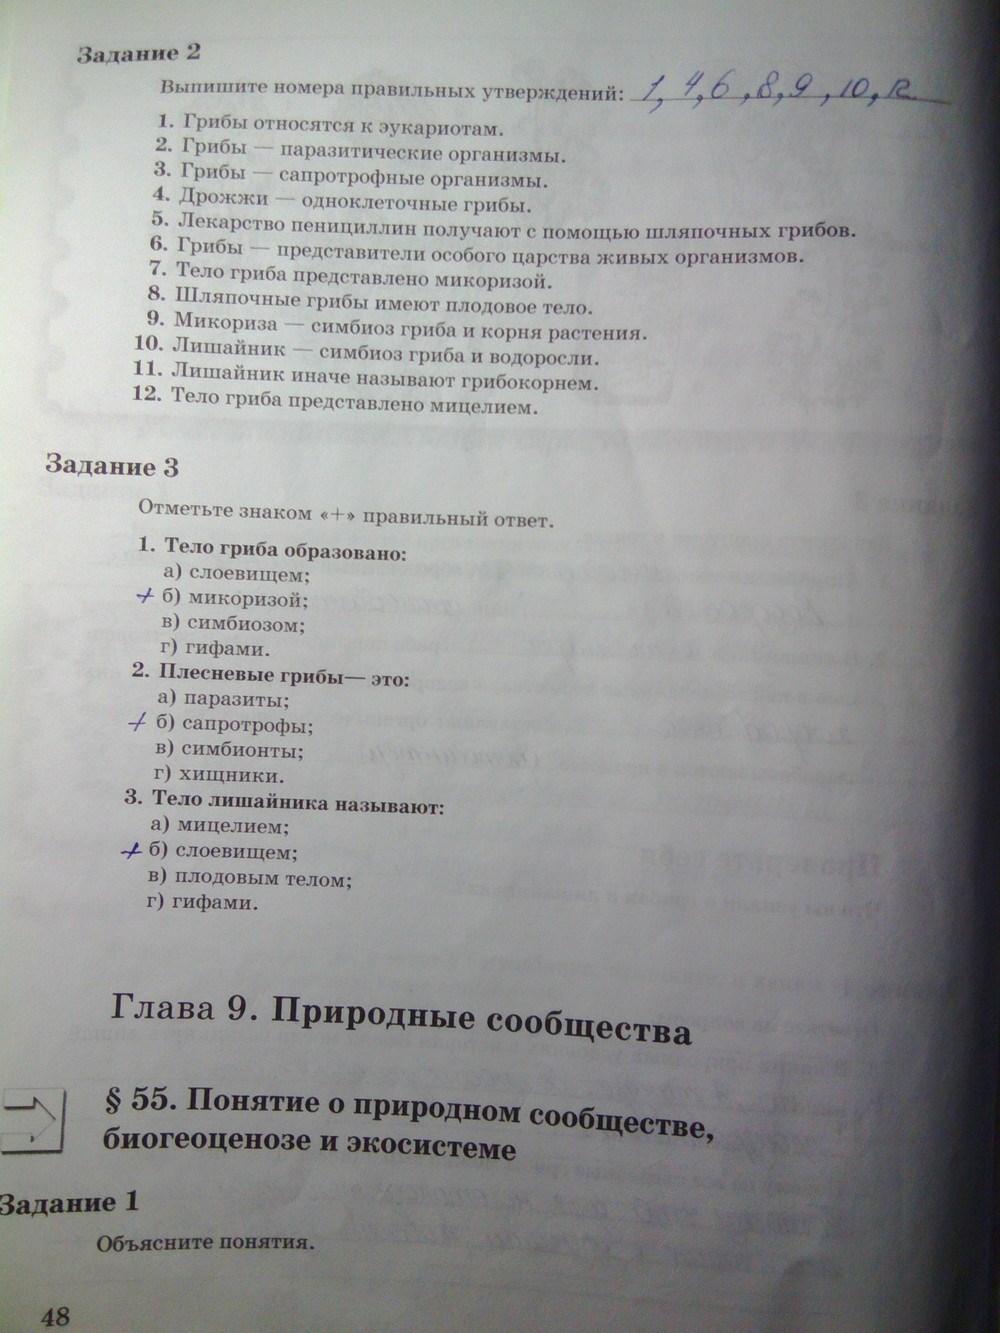 6 ответы пономарева гдз биология класс рабочая